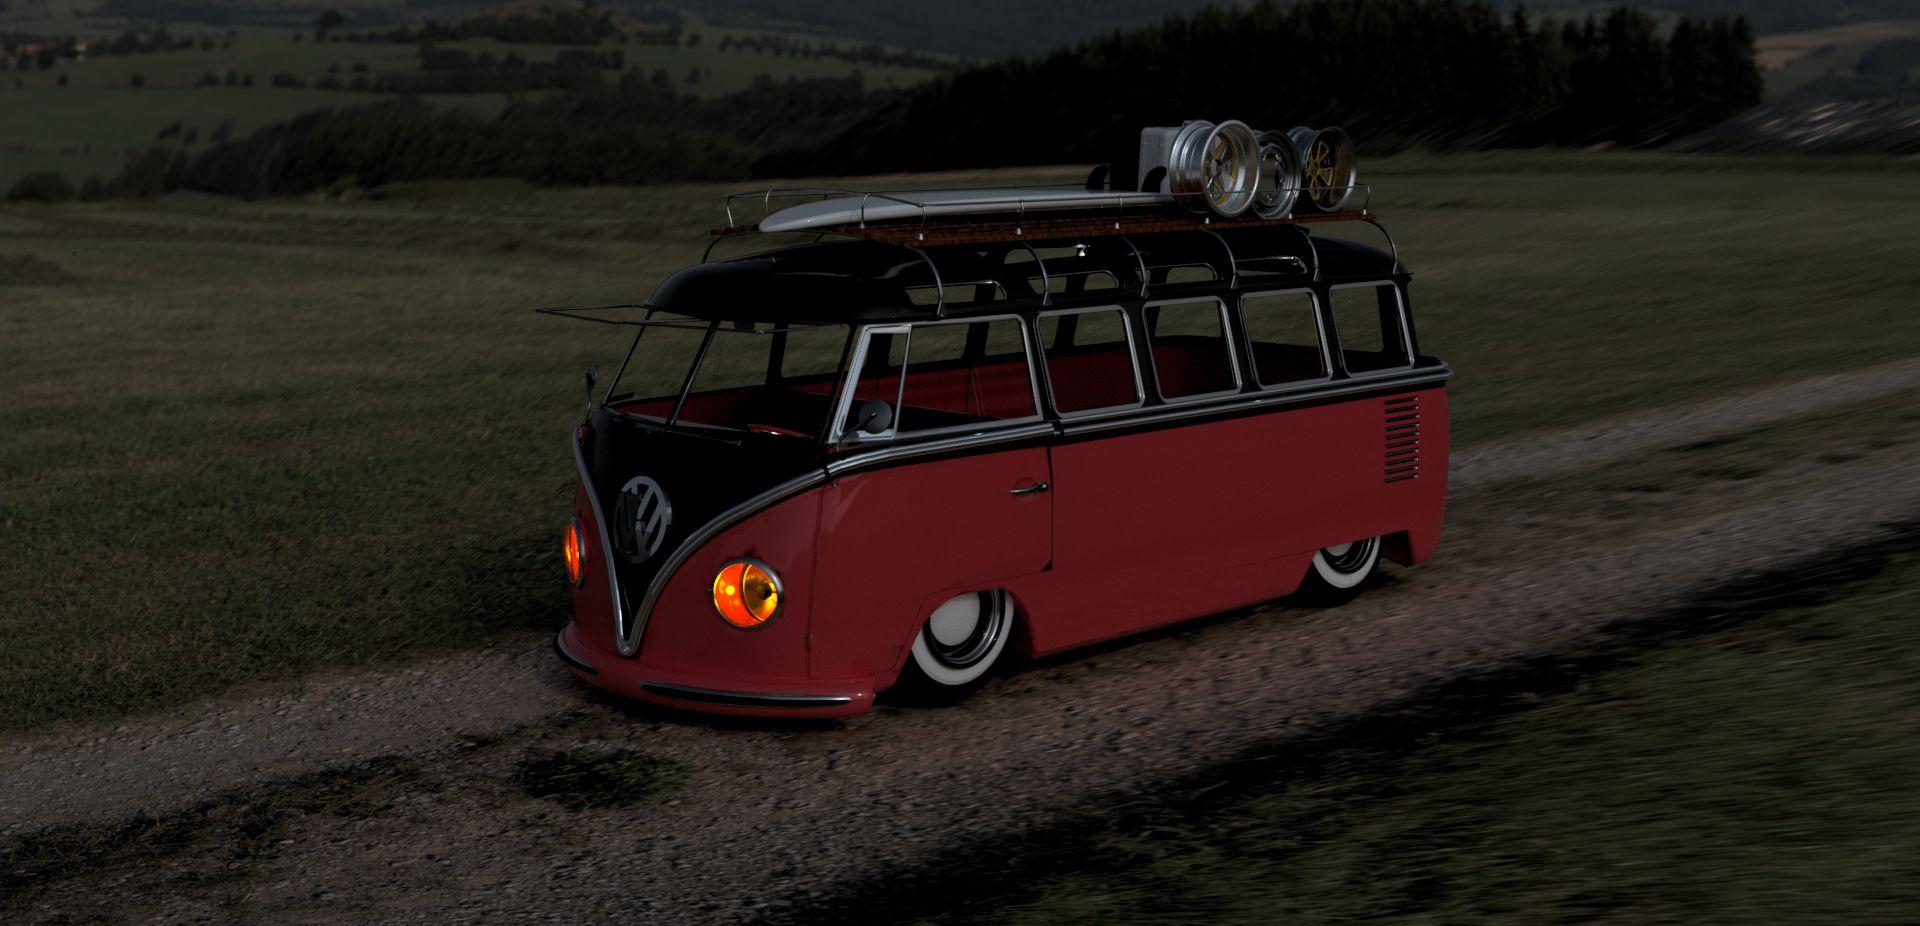 Le-bus-shoppe-v215-3500-3500